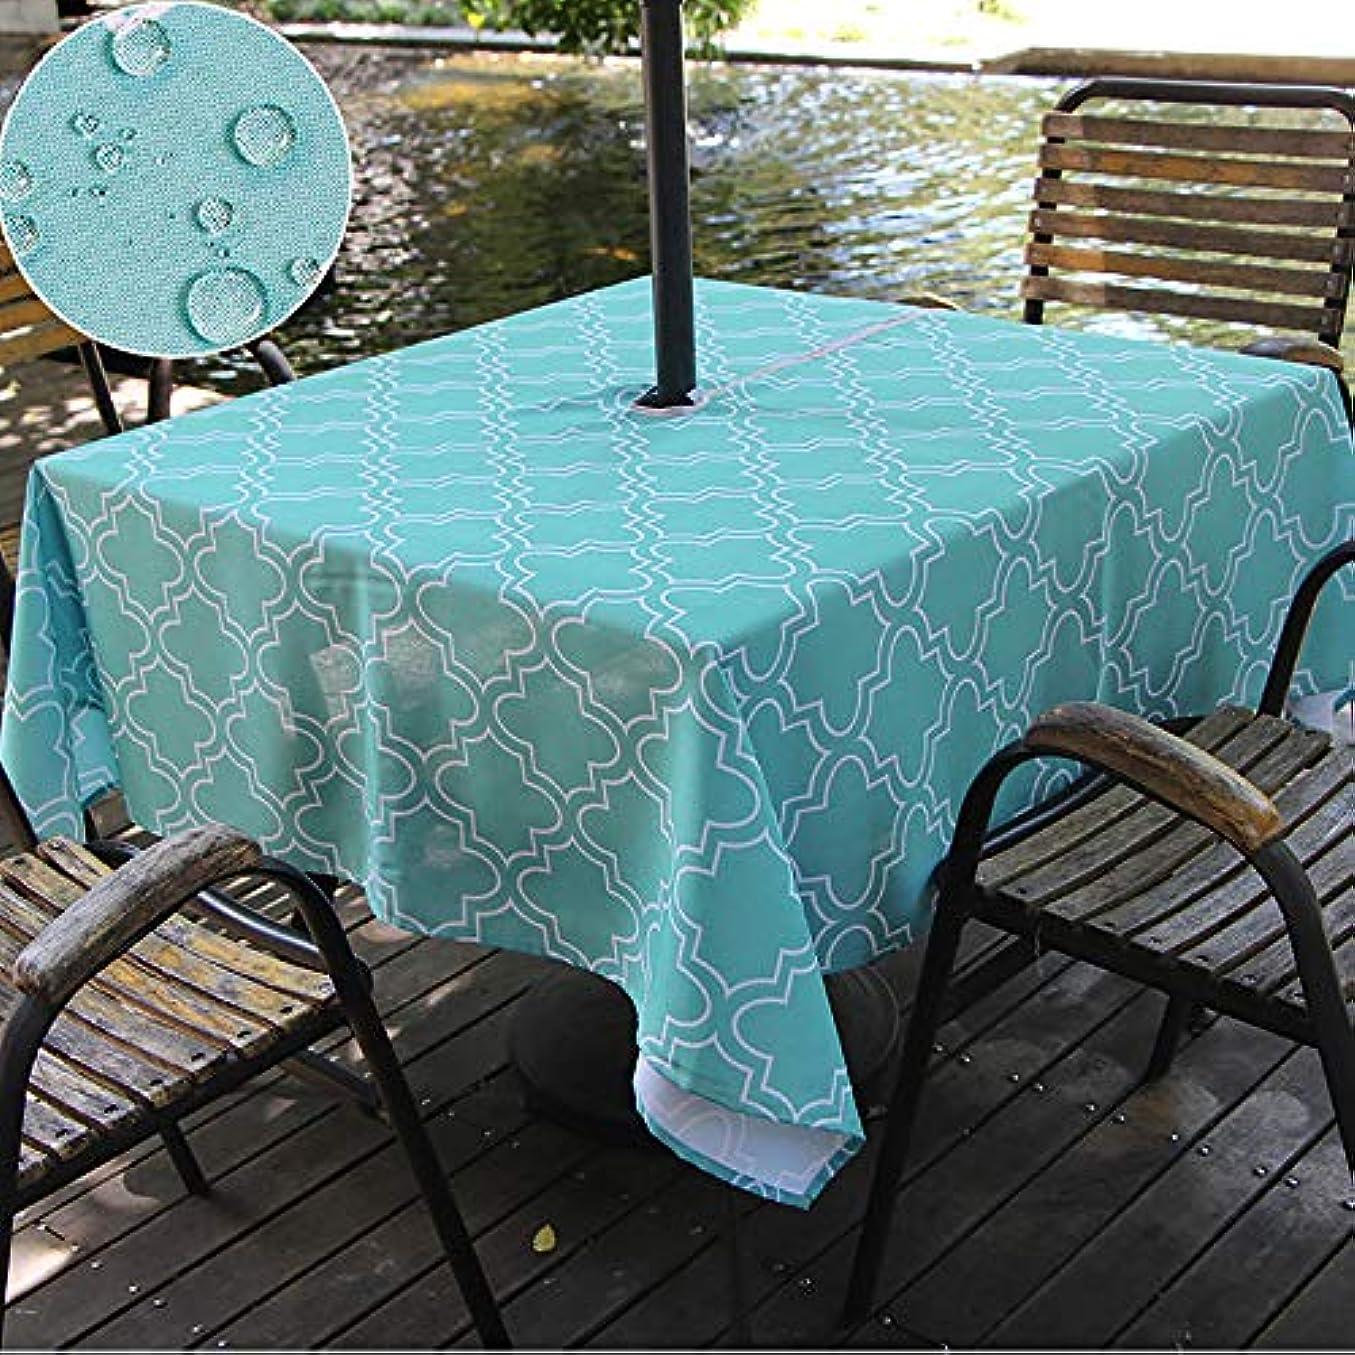 複合熟読ひまわり(150cm 210cm Rectangle, Turquoise) - Do4U Waterproof Table Cloth Indoor/Outdoor Tablecloth With Zipper and Umbrella Hole (150cm 210cm Rectangle, Turquoise)